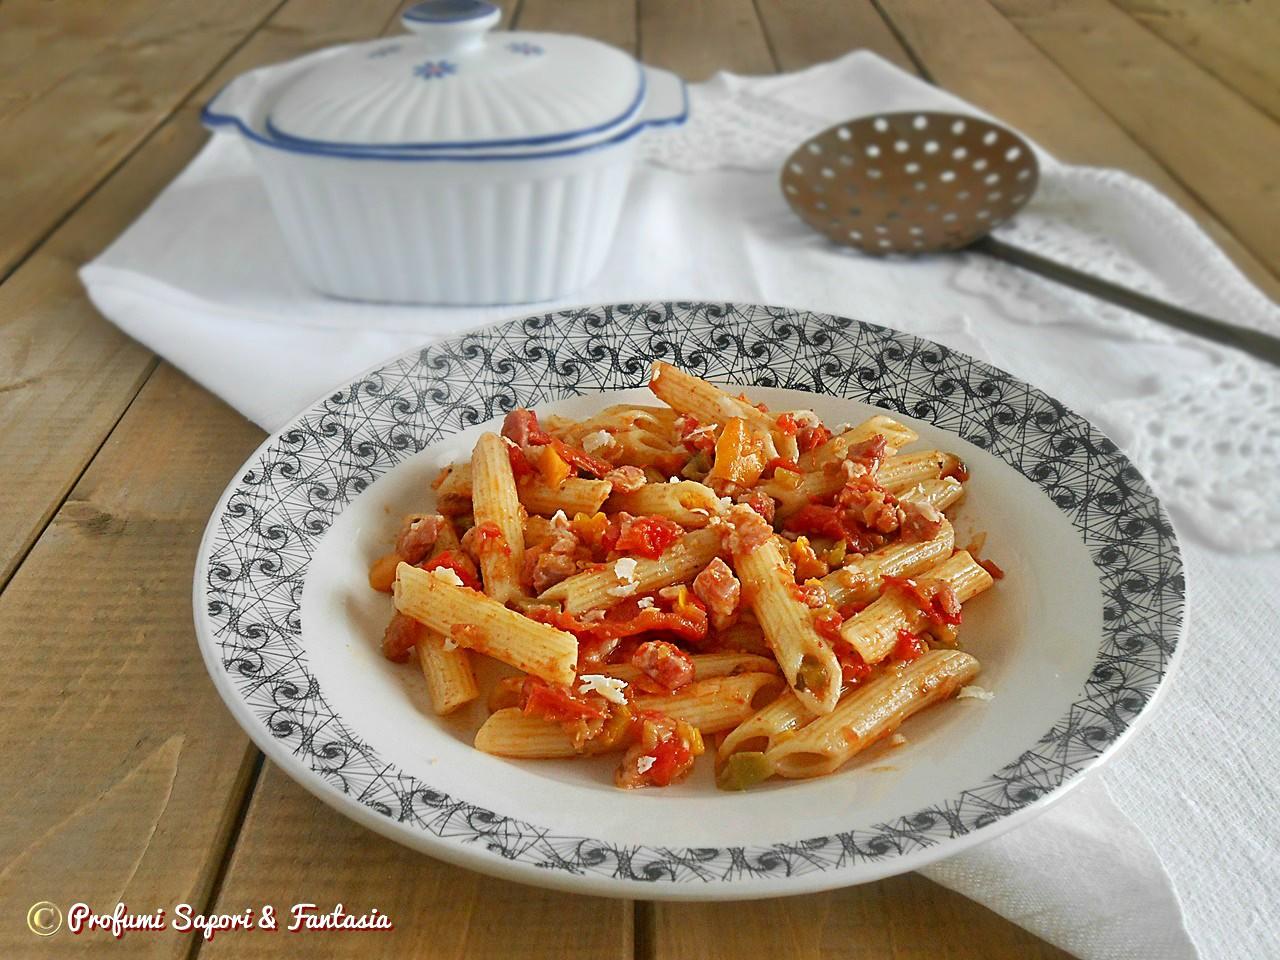 Penne alla pancetta con peperoni e pecorino